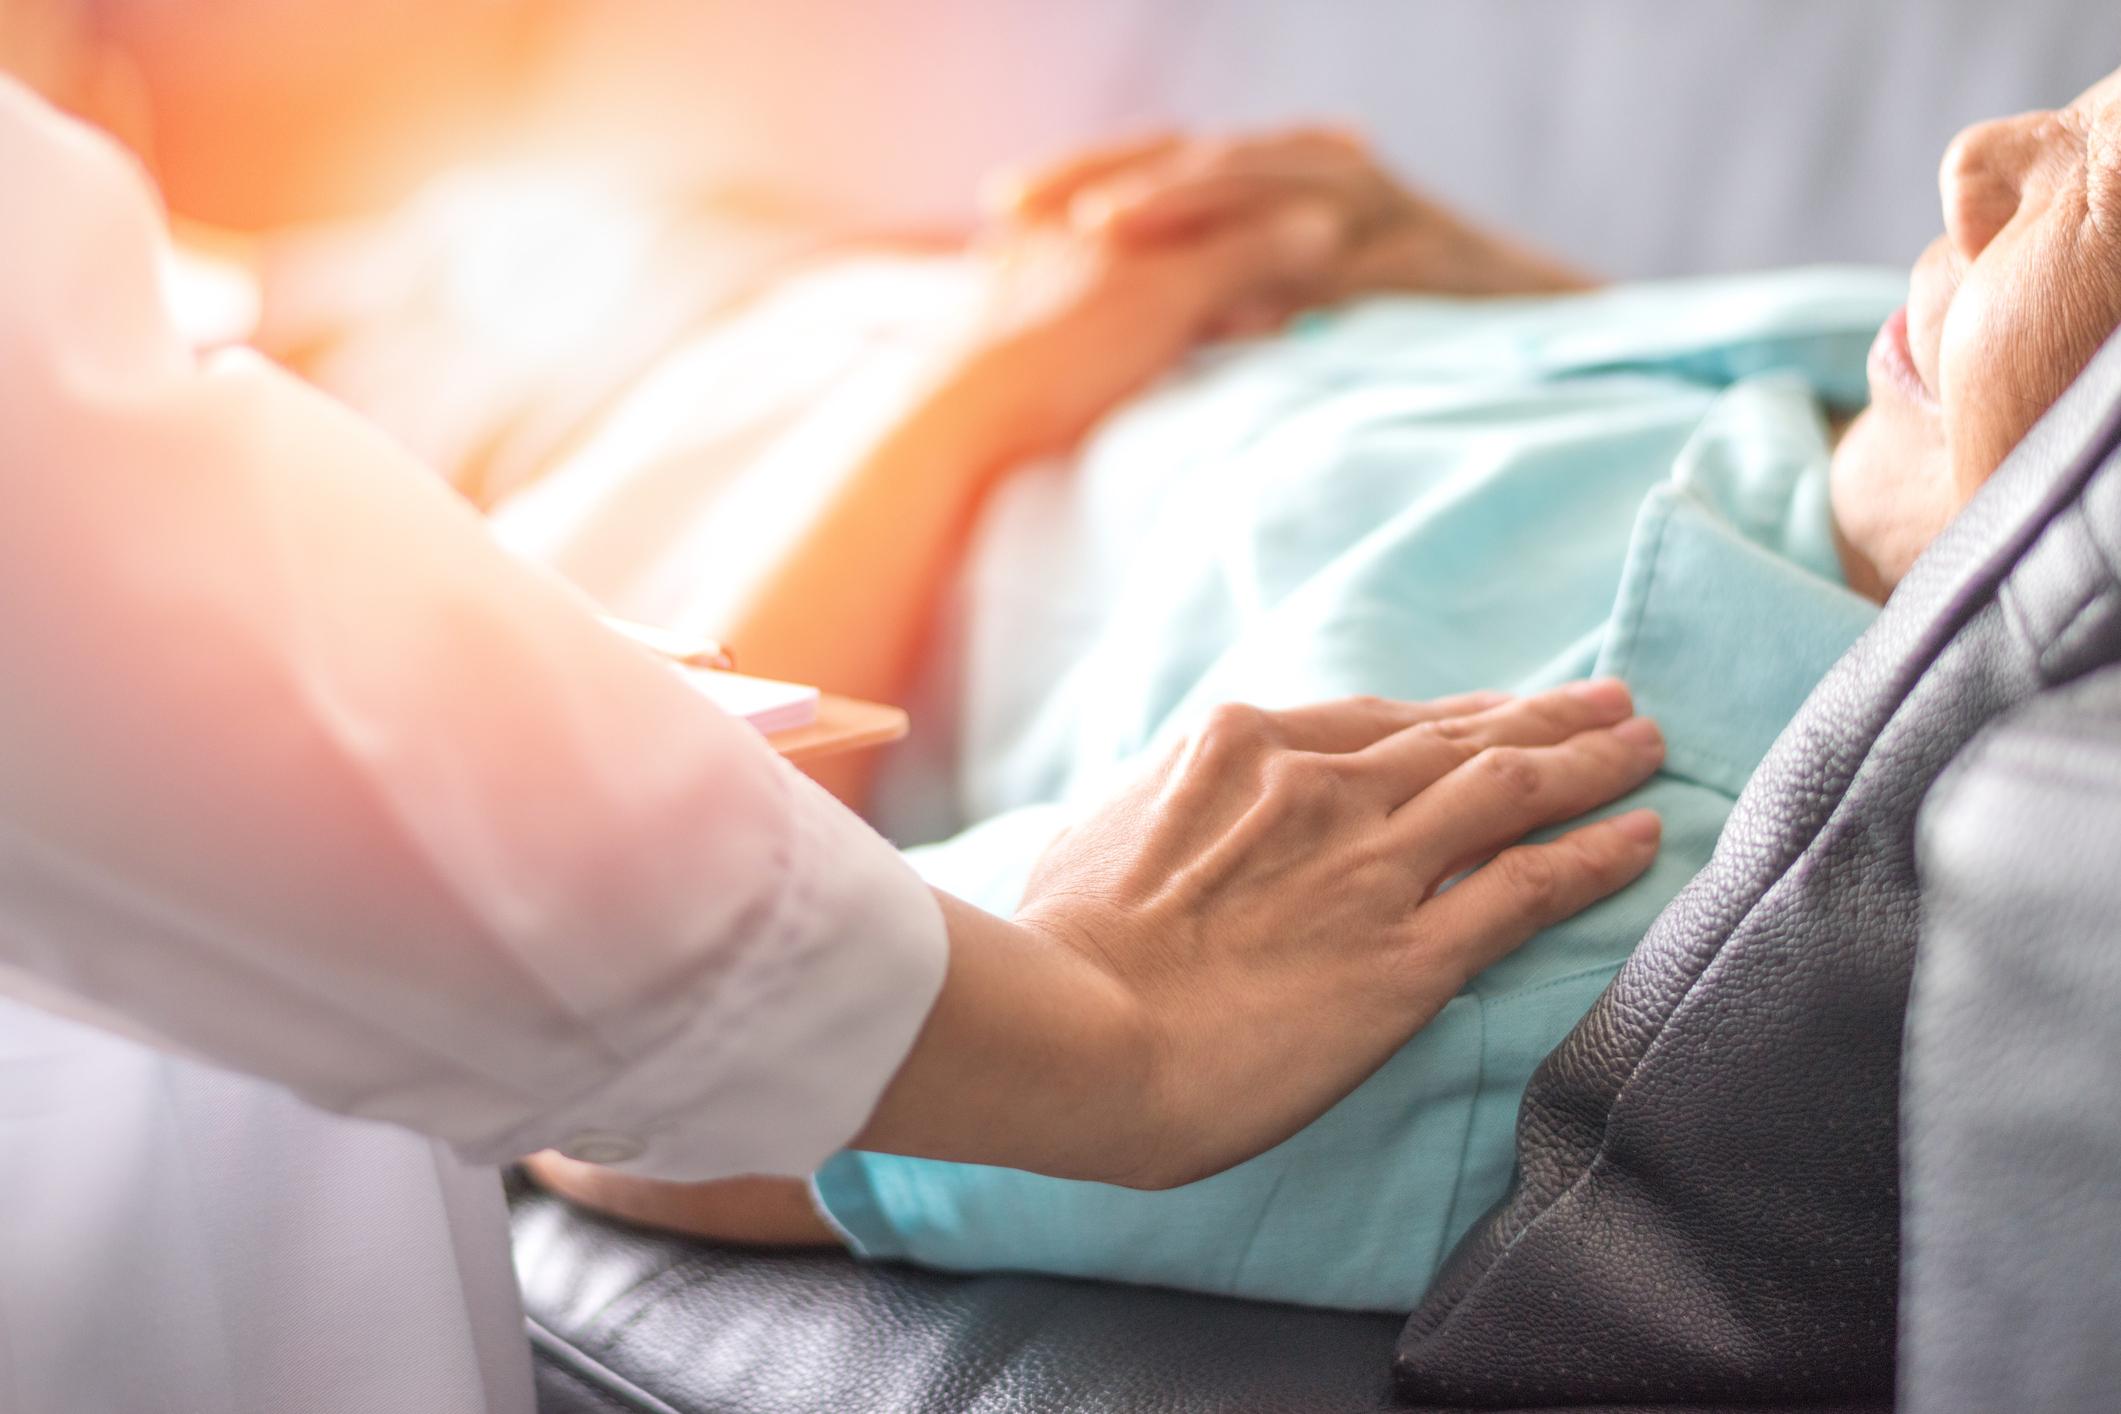 La alternativa a la eutanasia, según la Fundación Bioética: los cuidados paliativos